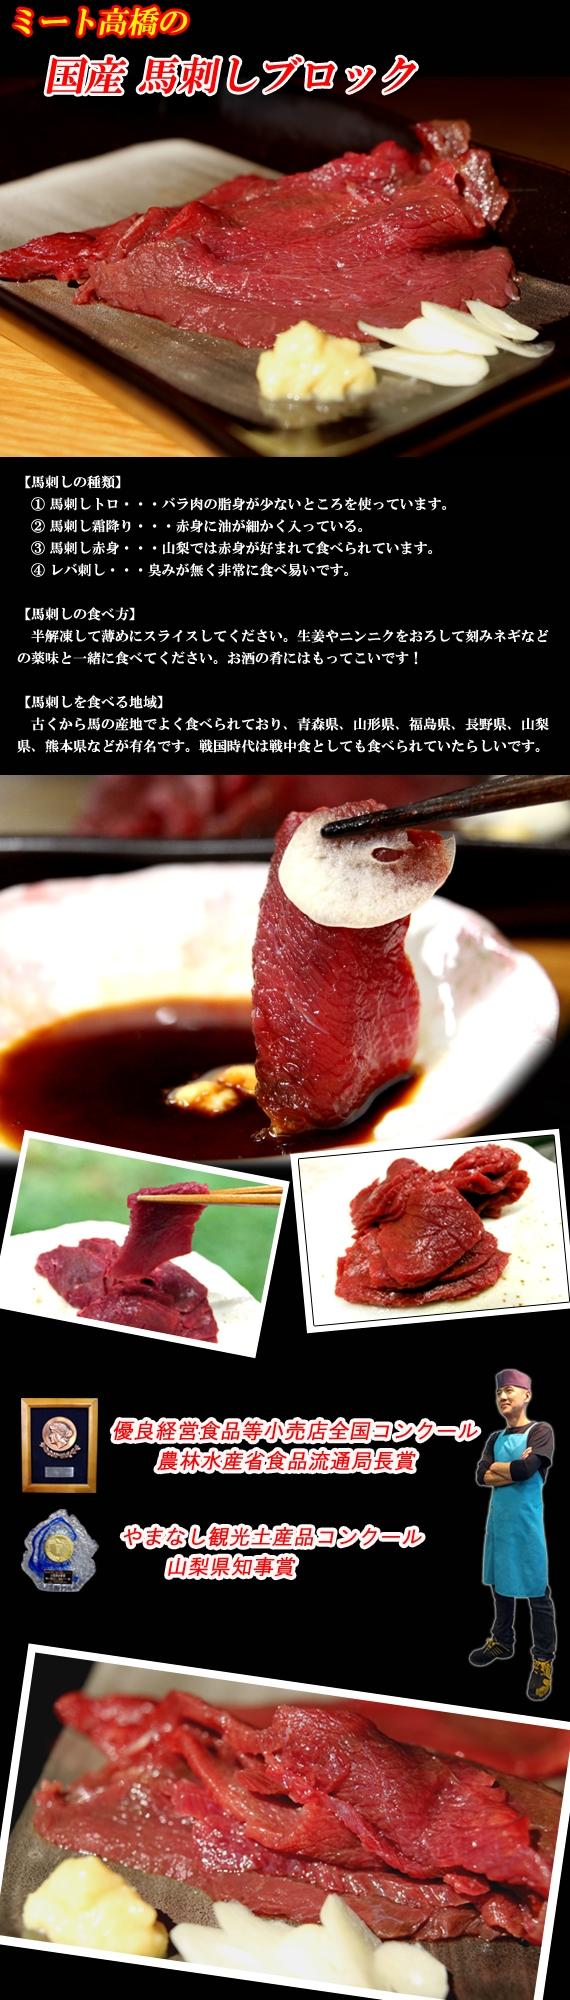 【冷凍品】馬刺し赤身ブロック 300g ブロック☆